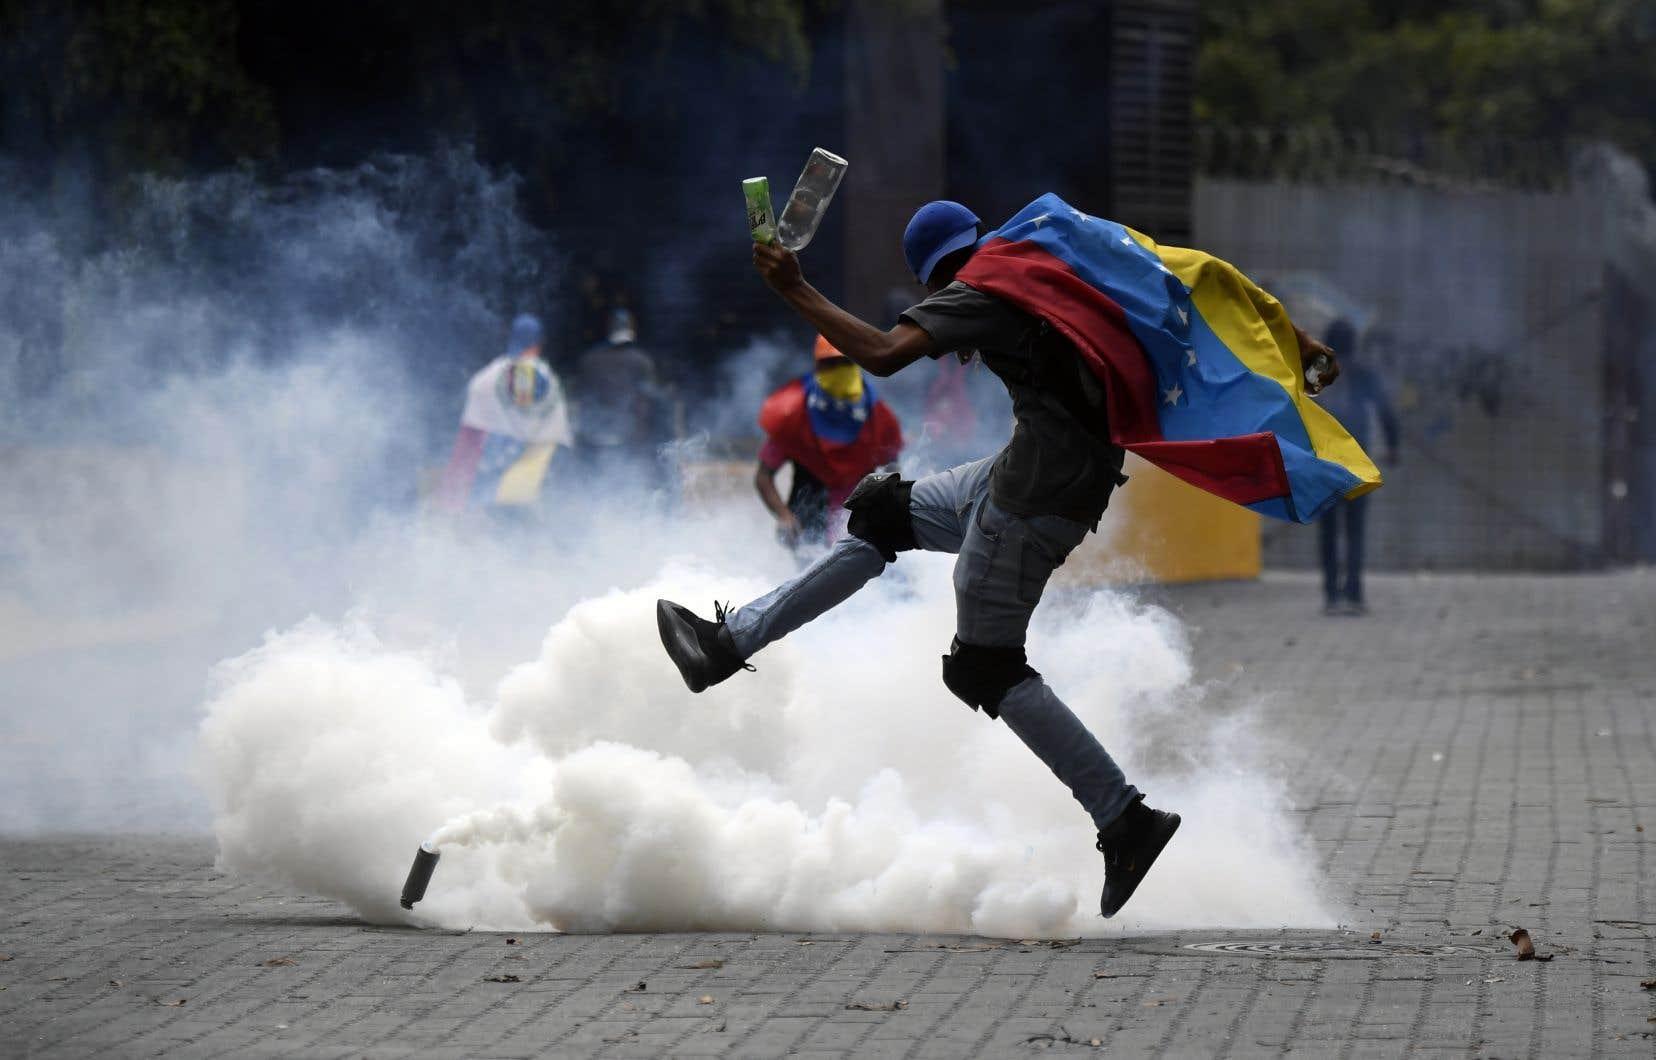 Face à l'usage de gaz lacrymonège de la part de la police,certains manifestants ont répondu en lançant des pierres et des bâtons en direction des agents.